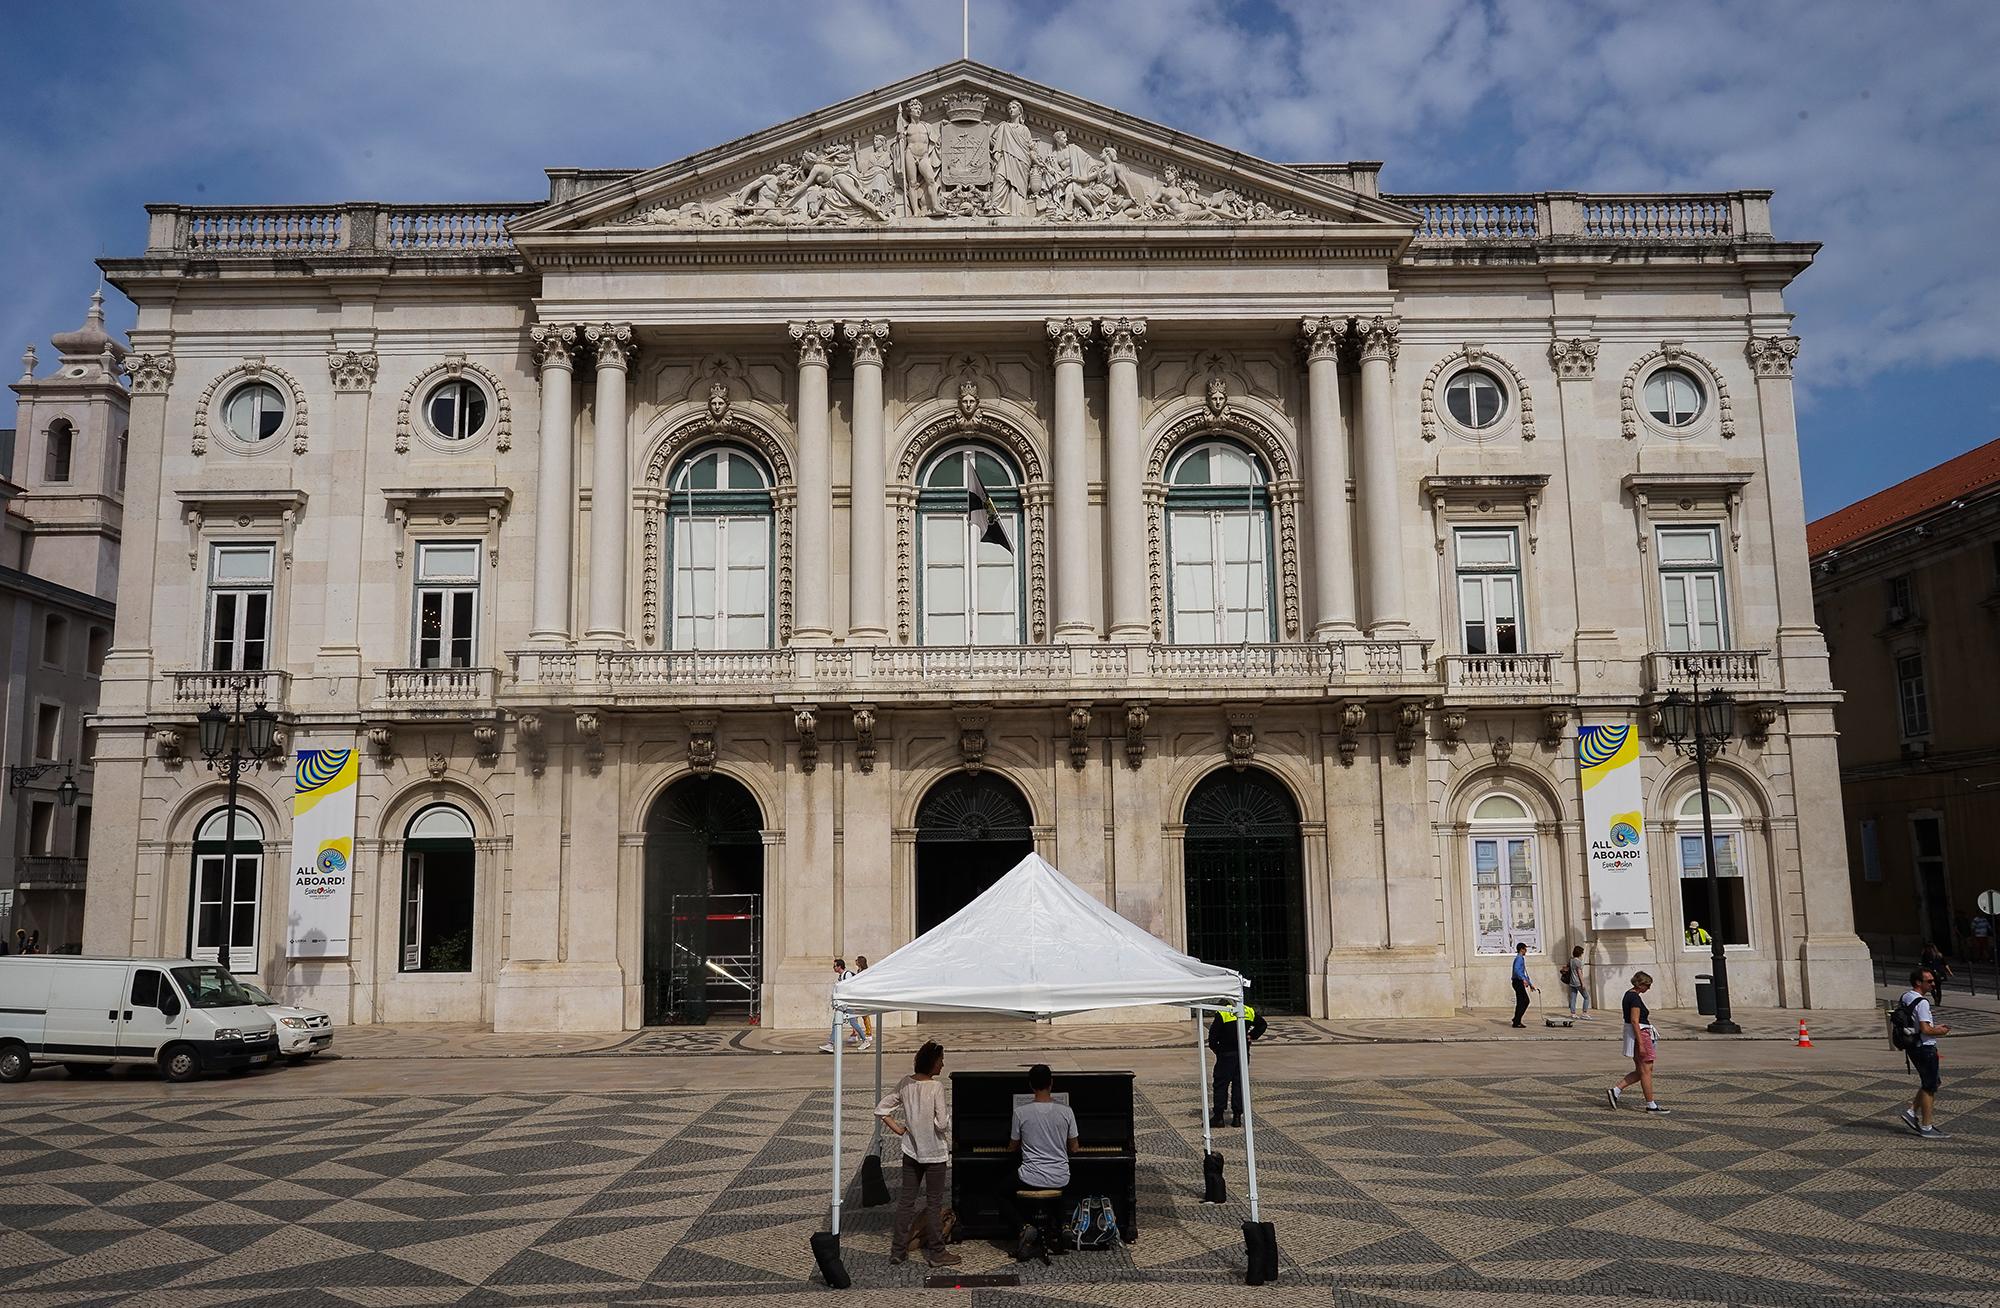 Com a Câmara Municipal de Lisboa, como pano de fundo, de frente para o observador, um piano no meio da Praça do Município quase vazia é tocado por uma pessoa.